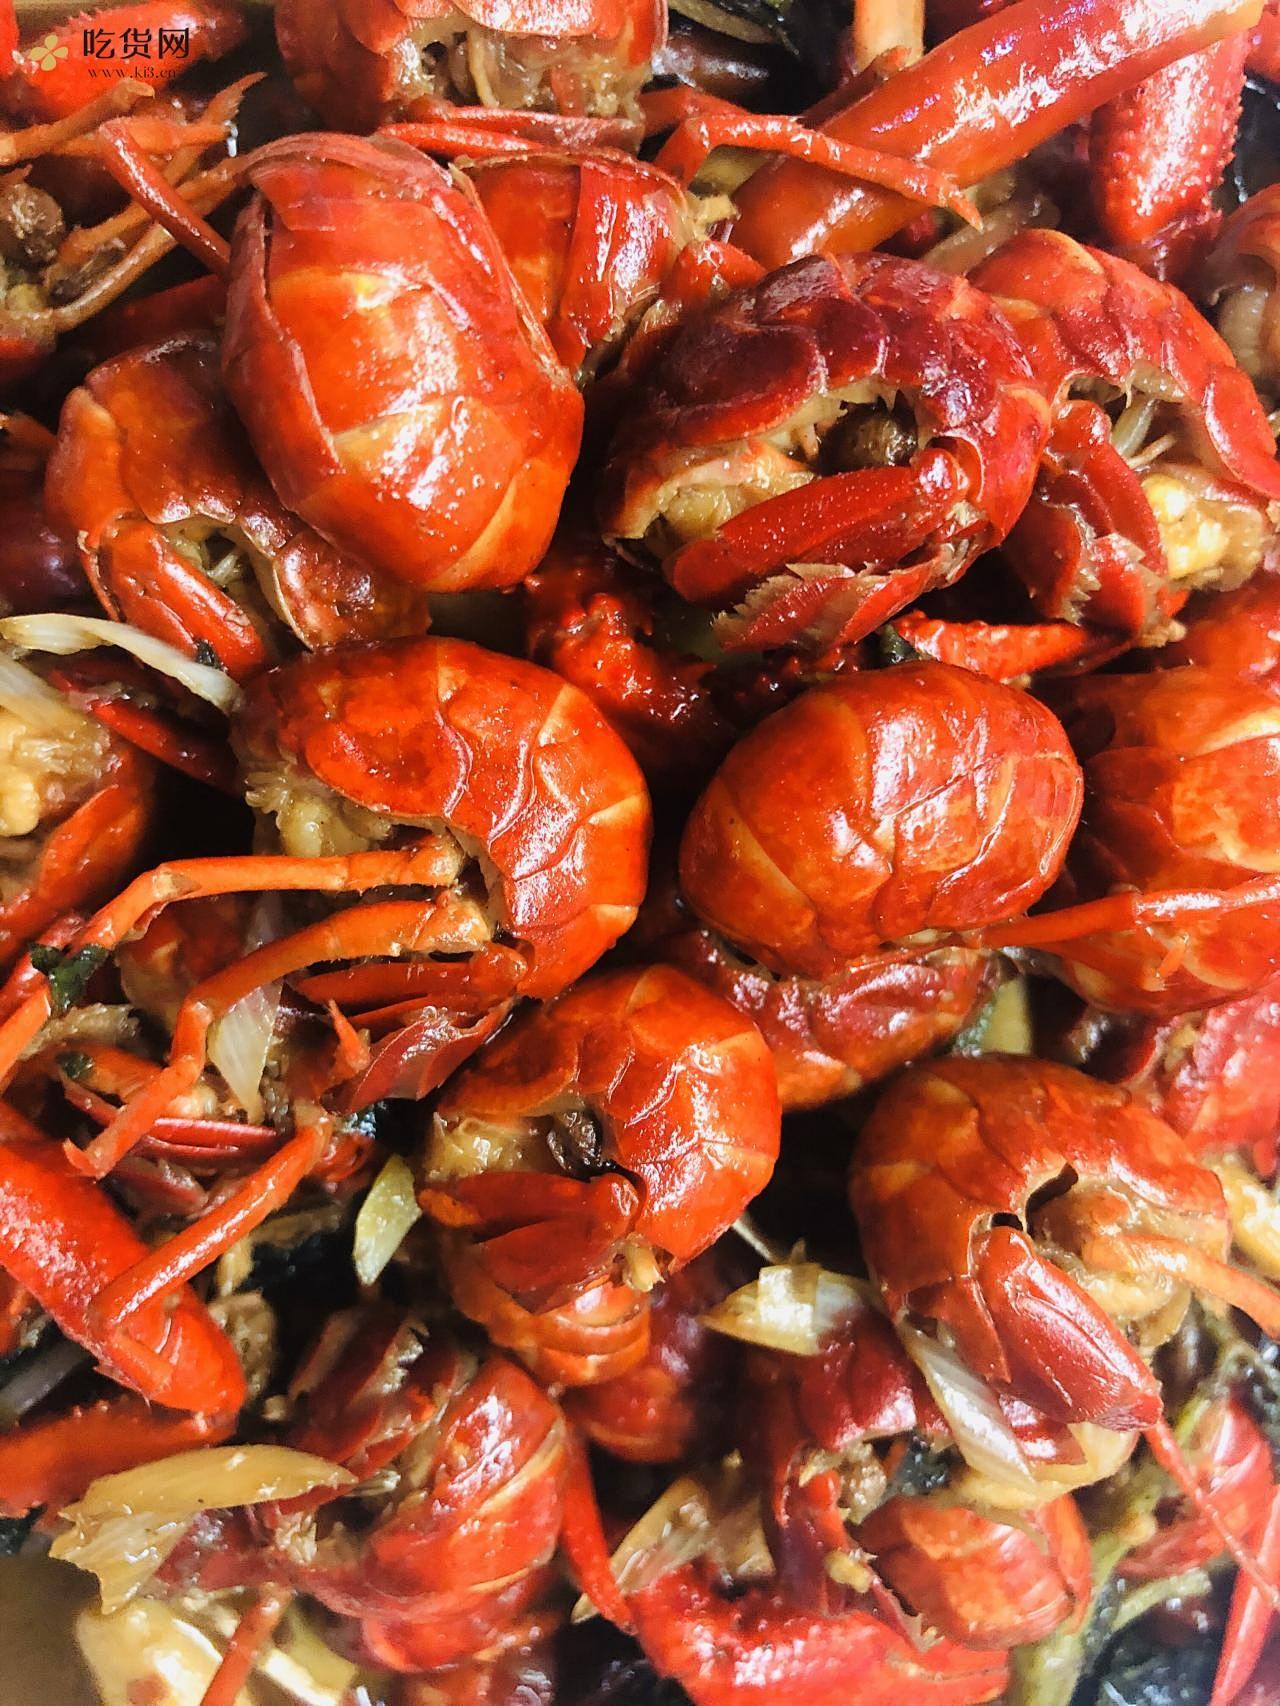 鲜香麻辣小龙虾尾的做法 步骤6